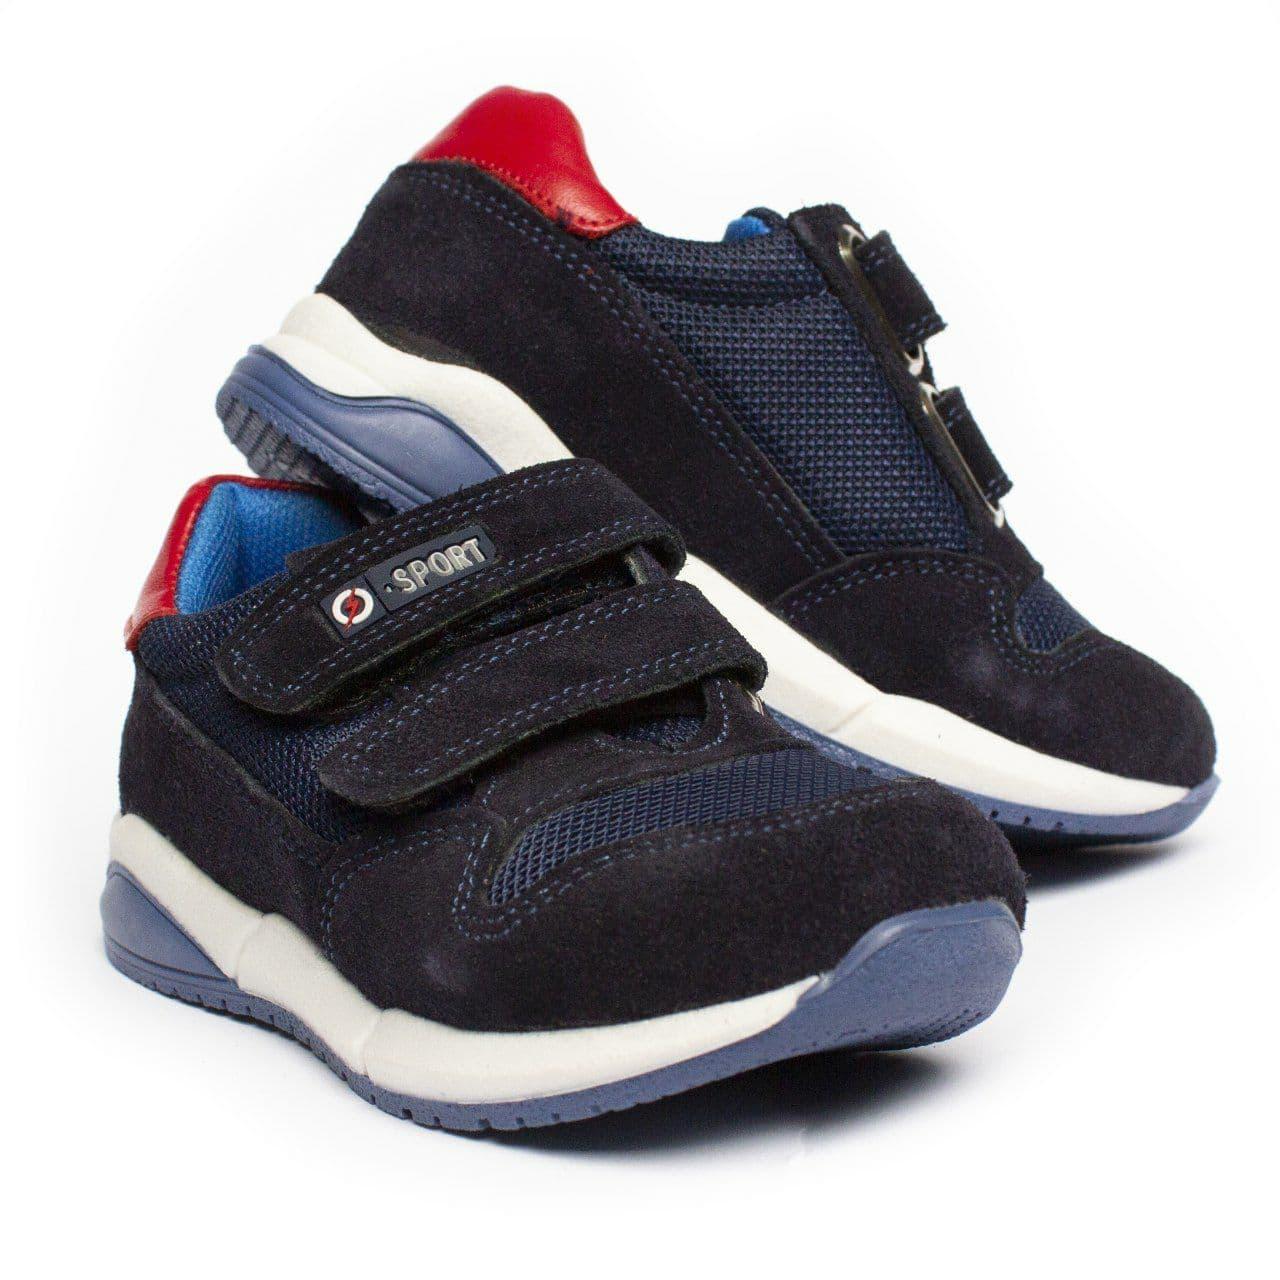 Стильные кроссовки для мальчика, размеры 28, 29, 30